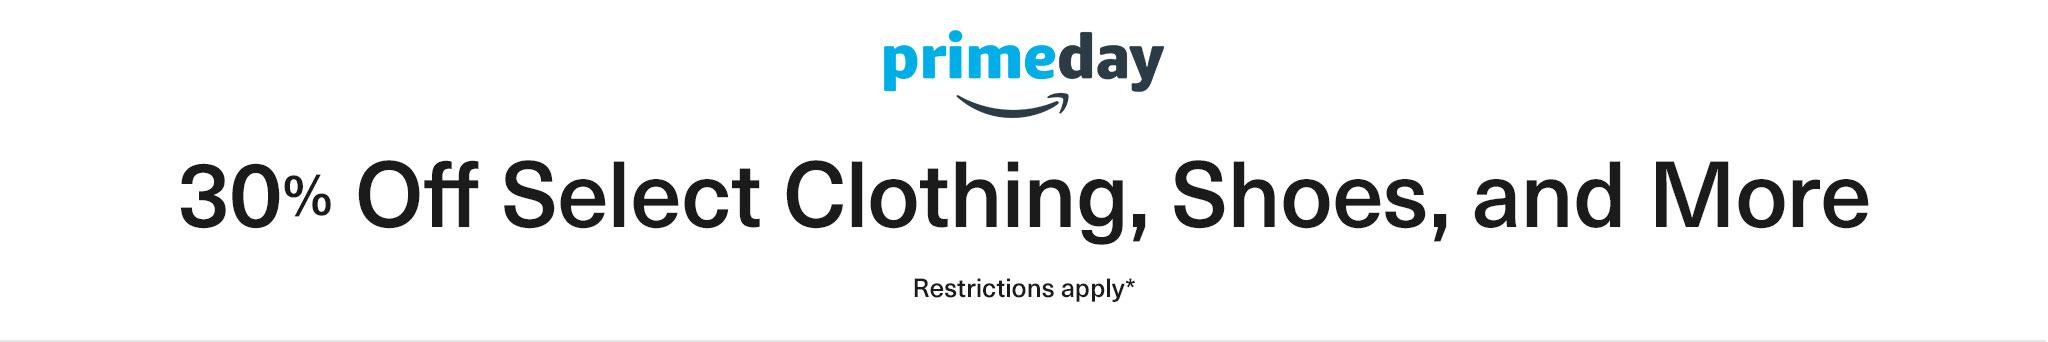 Amazon Prime Member